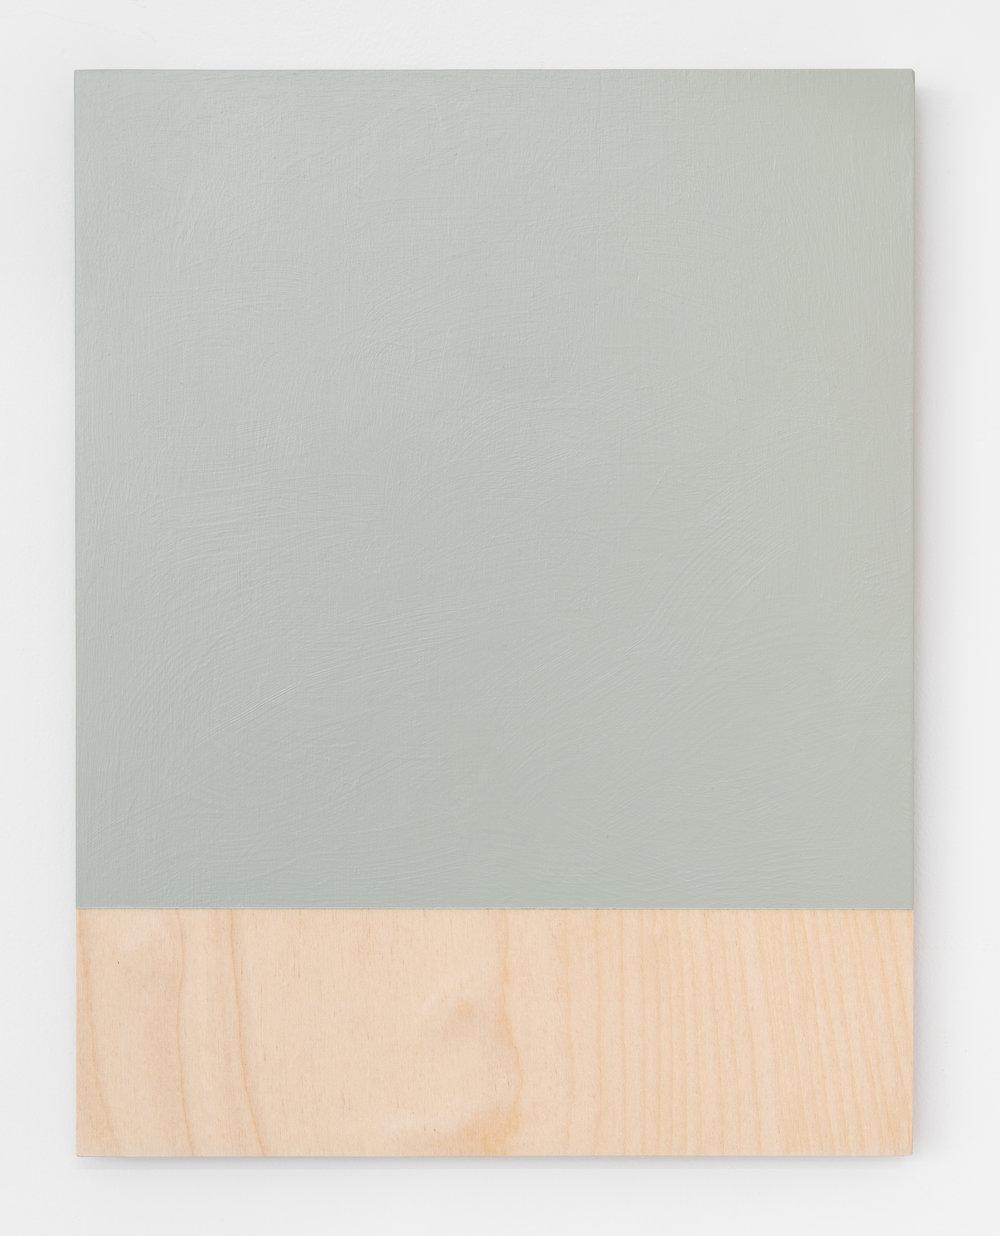 """Guy Pellerin,  484– la couleur des lieux, Lisbonne   (detail),  2018, acrylic on plywood, 11"""" x 8.5"""" (28 x 22 cm)"""